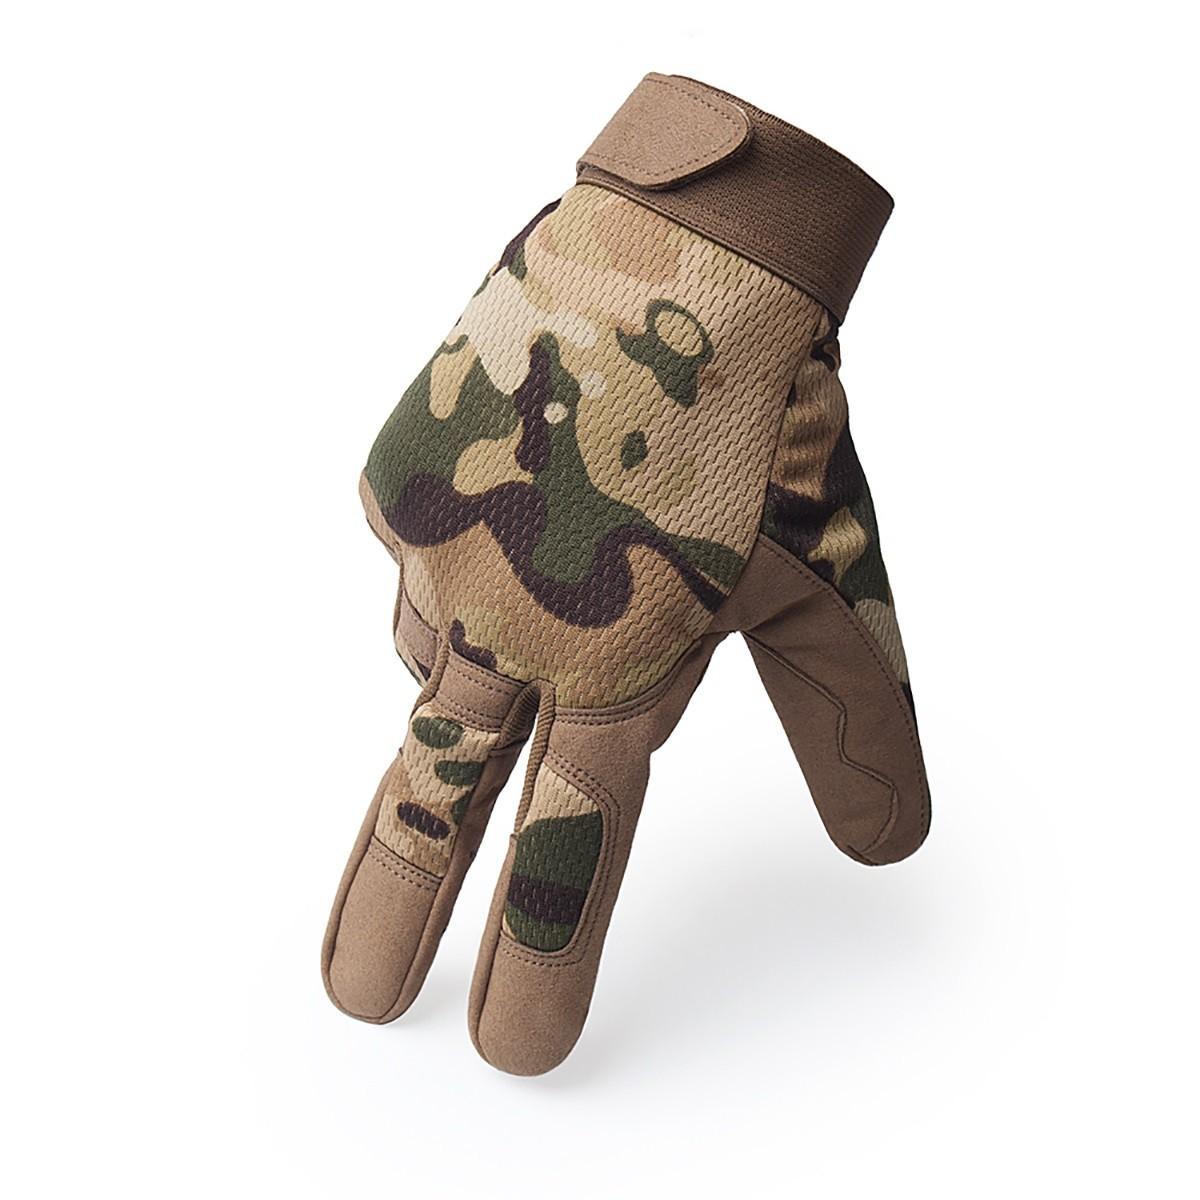 Luva Tática Militar Airsoft Paintball Camuflado Multicam PREMIUM